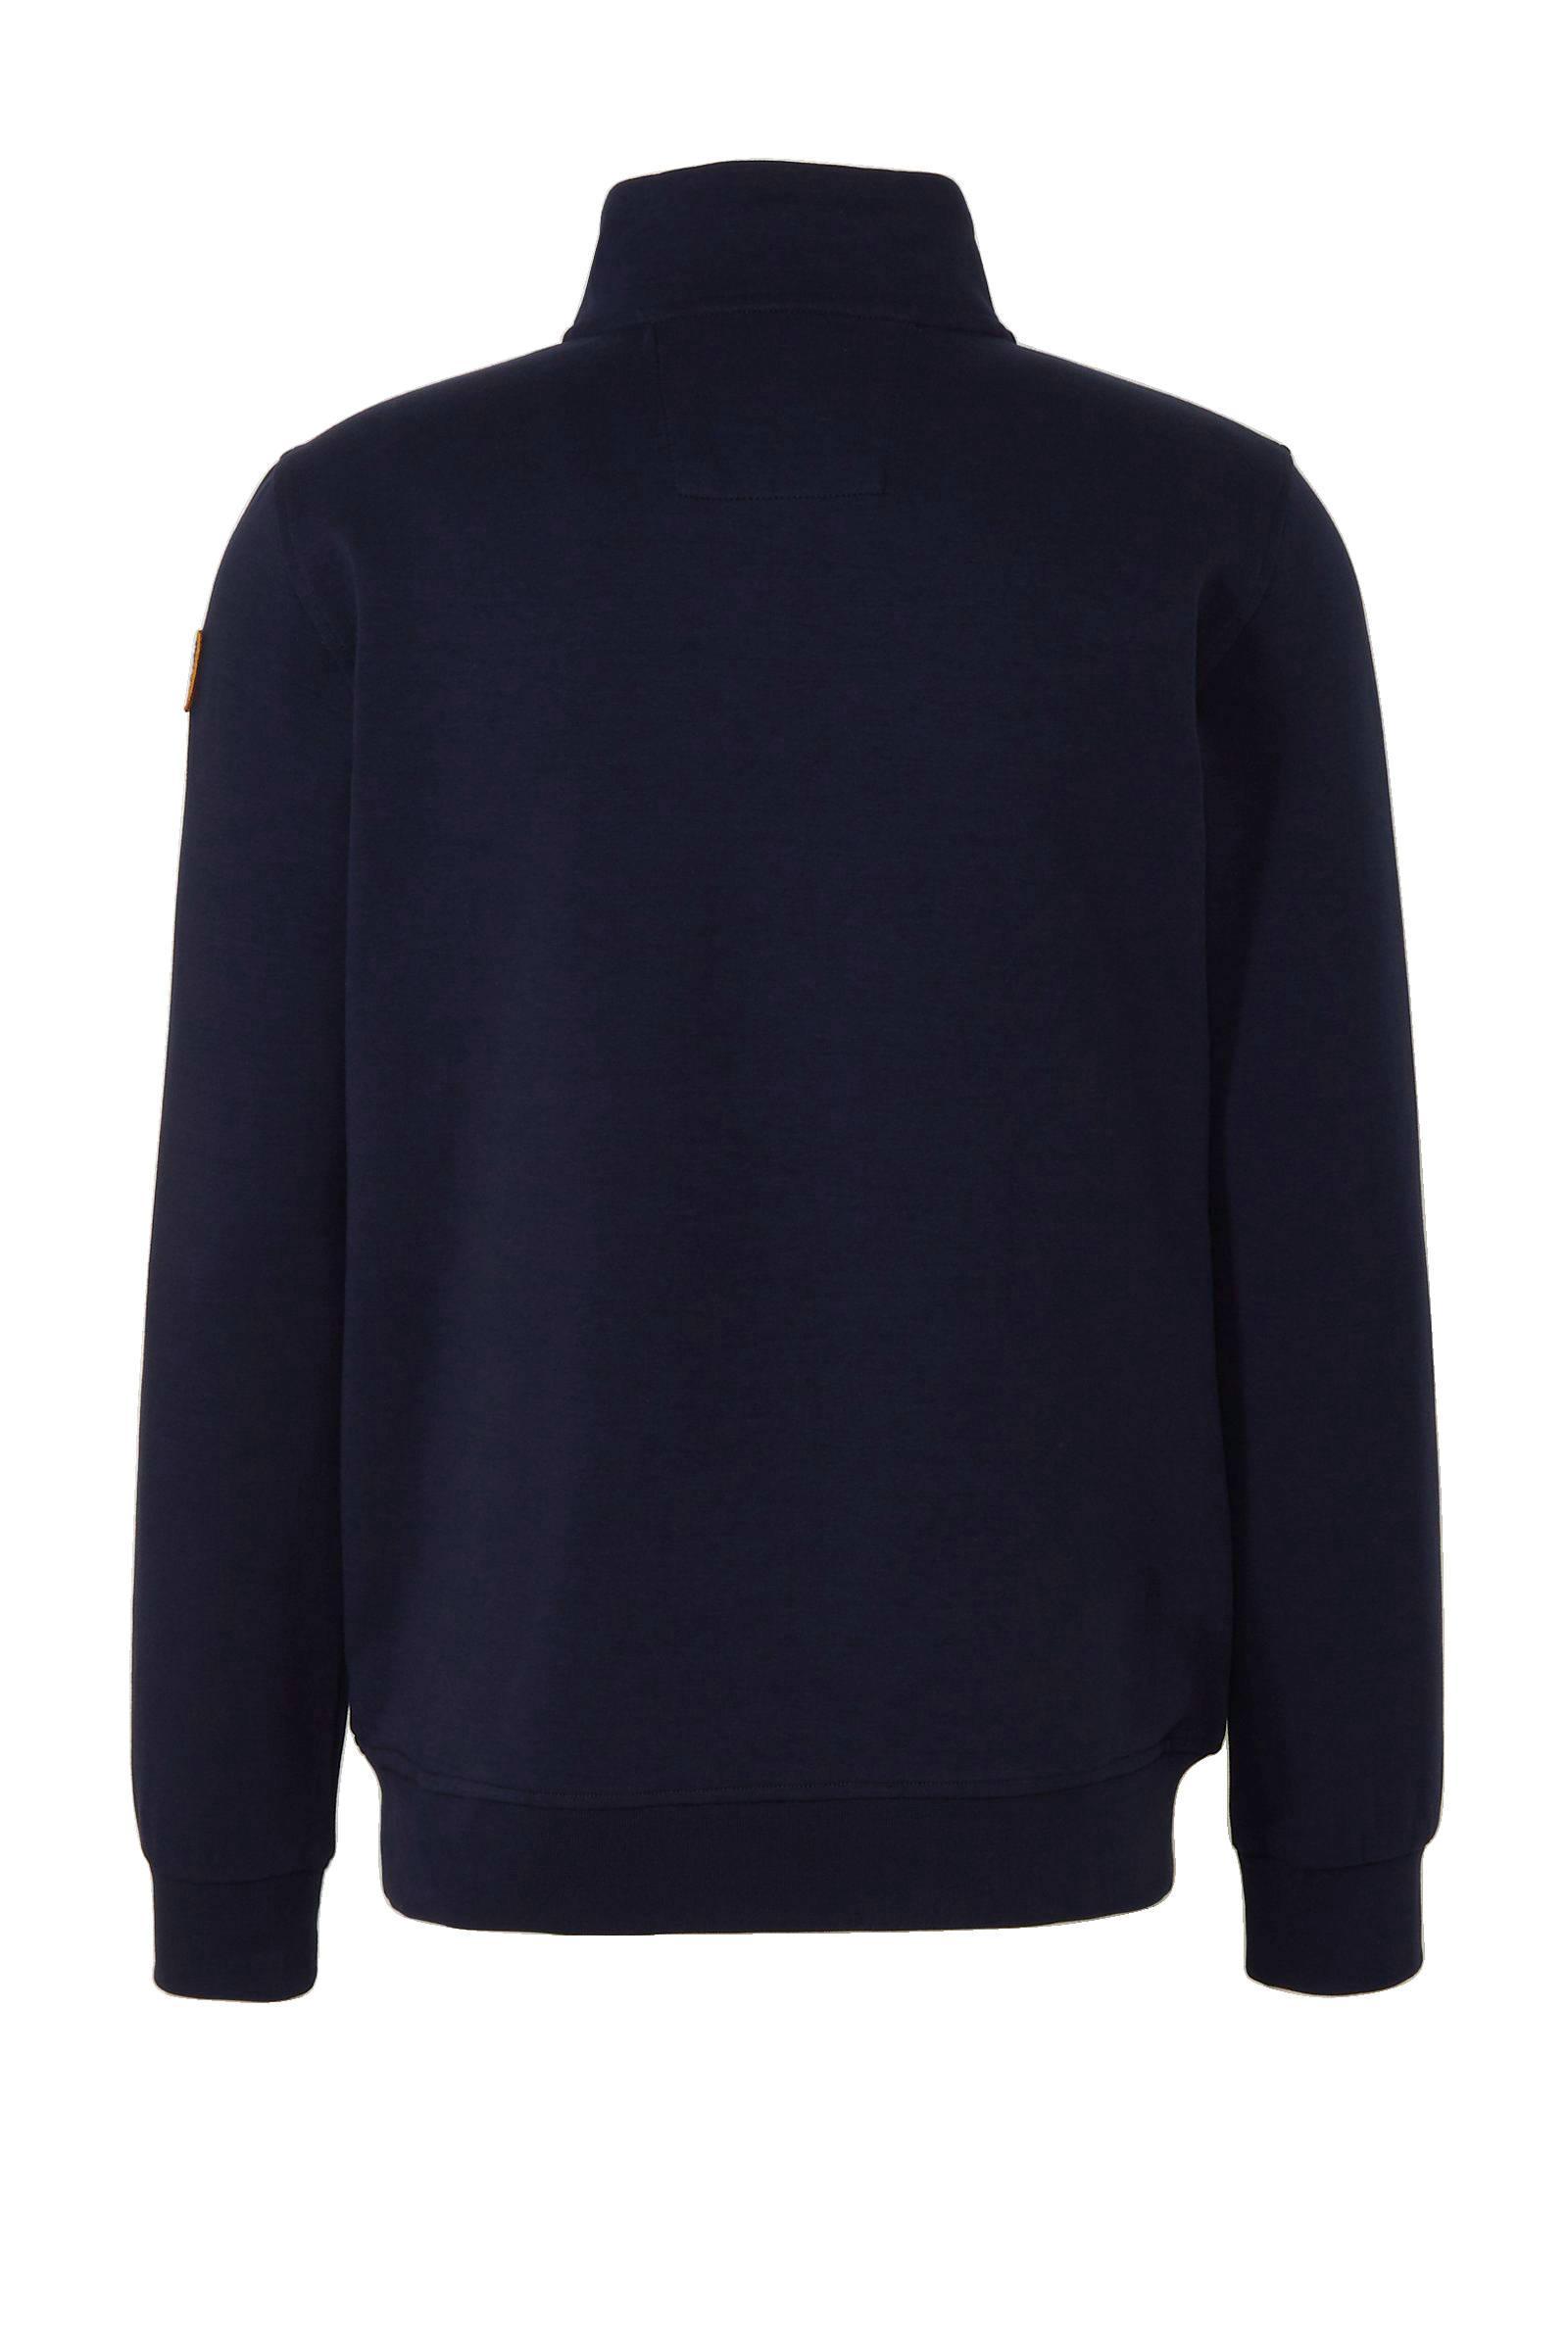 new zealand auckland Sweater Met Printopdruk Marine in het Blauw voor heren